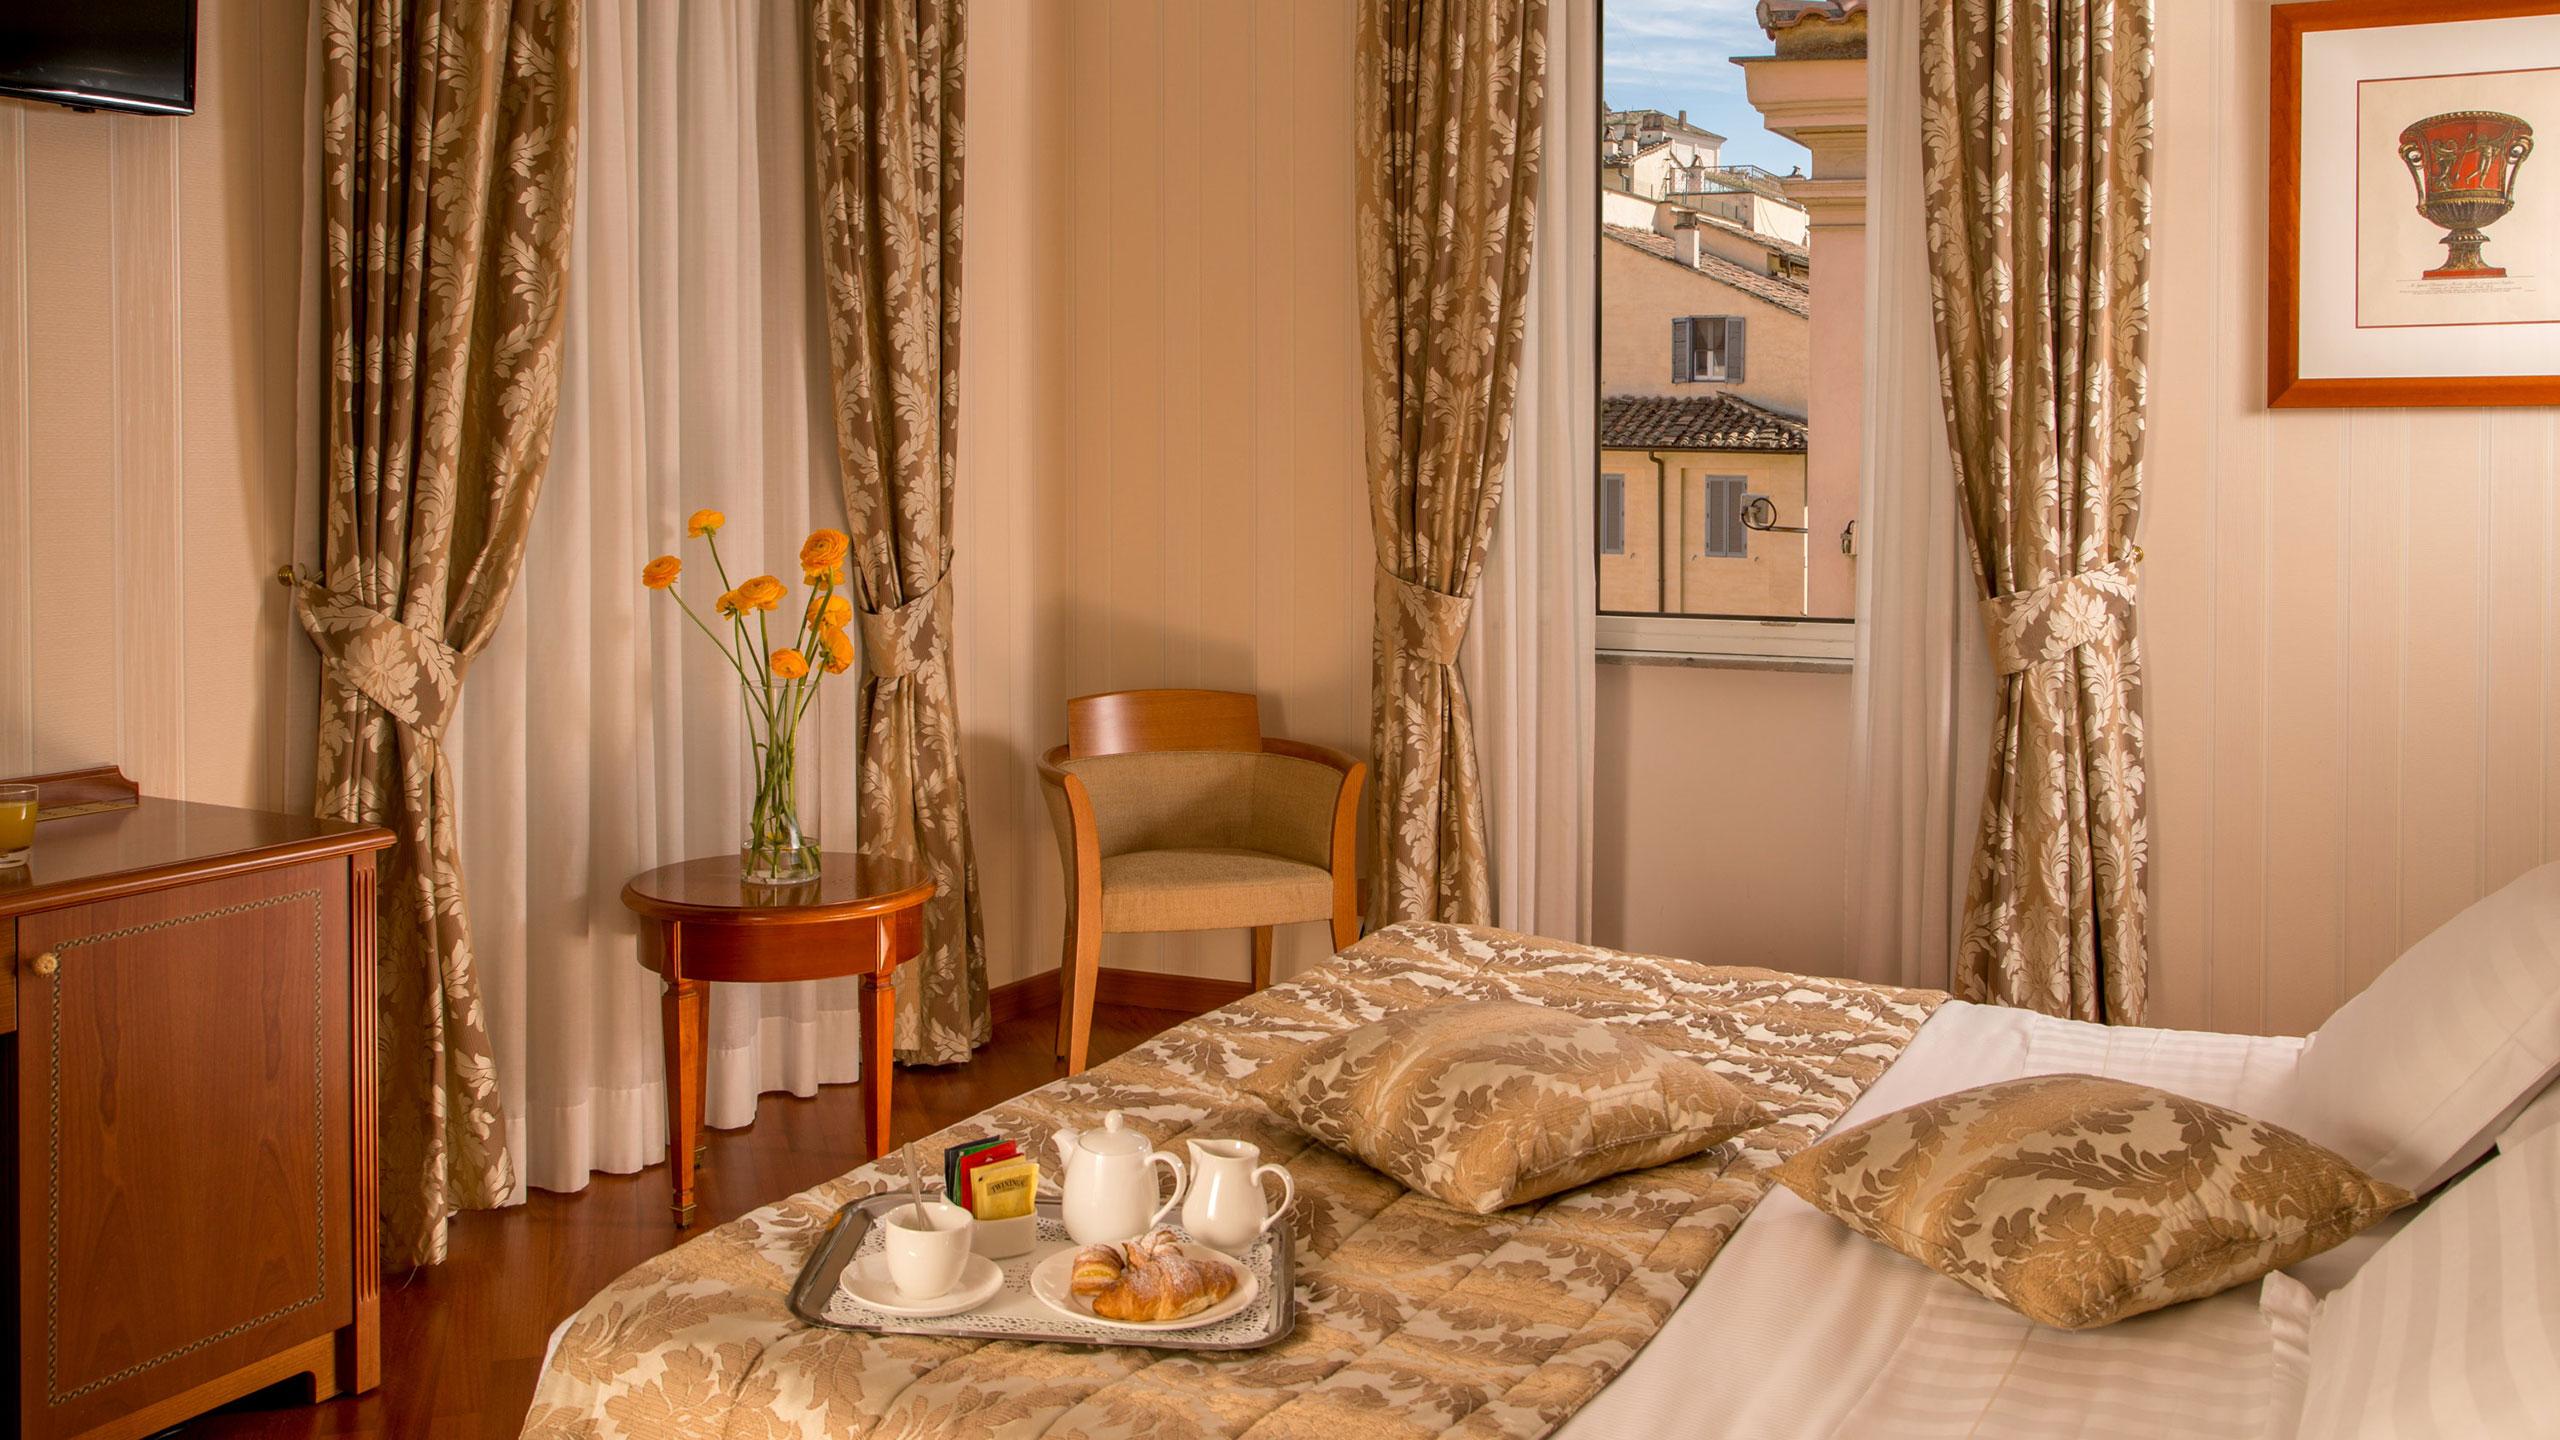 albergo-ottocento-rome-chambre-double-deluxe-07